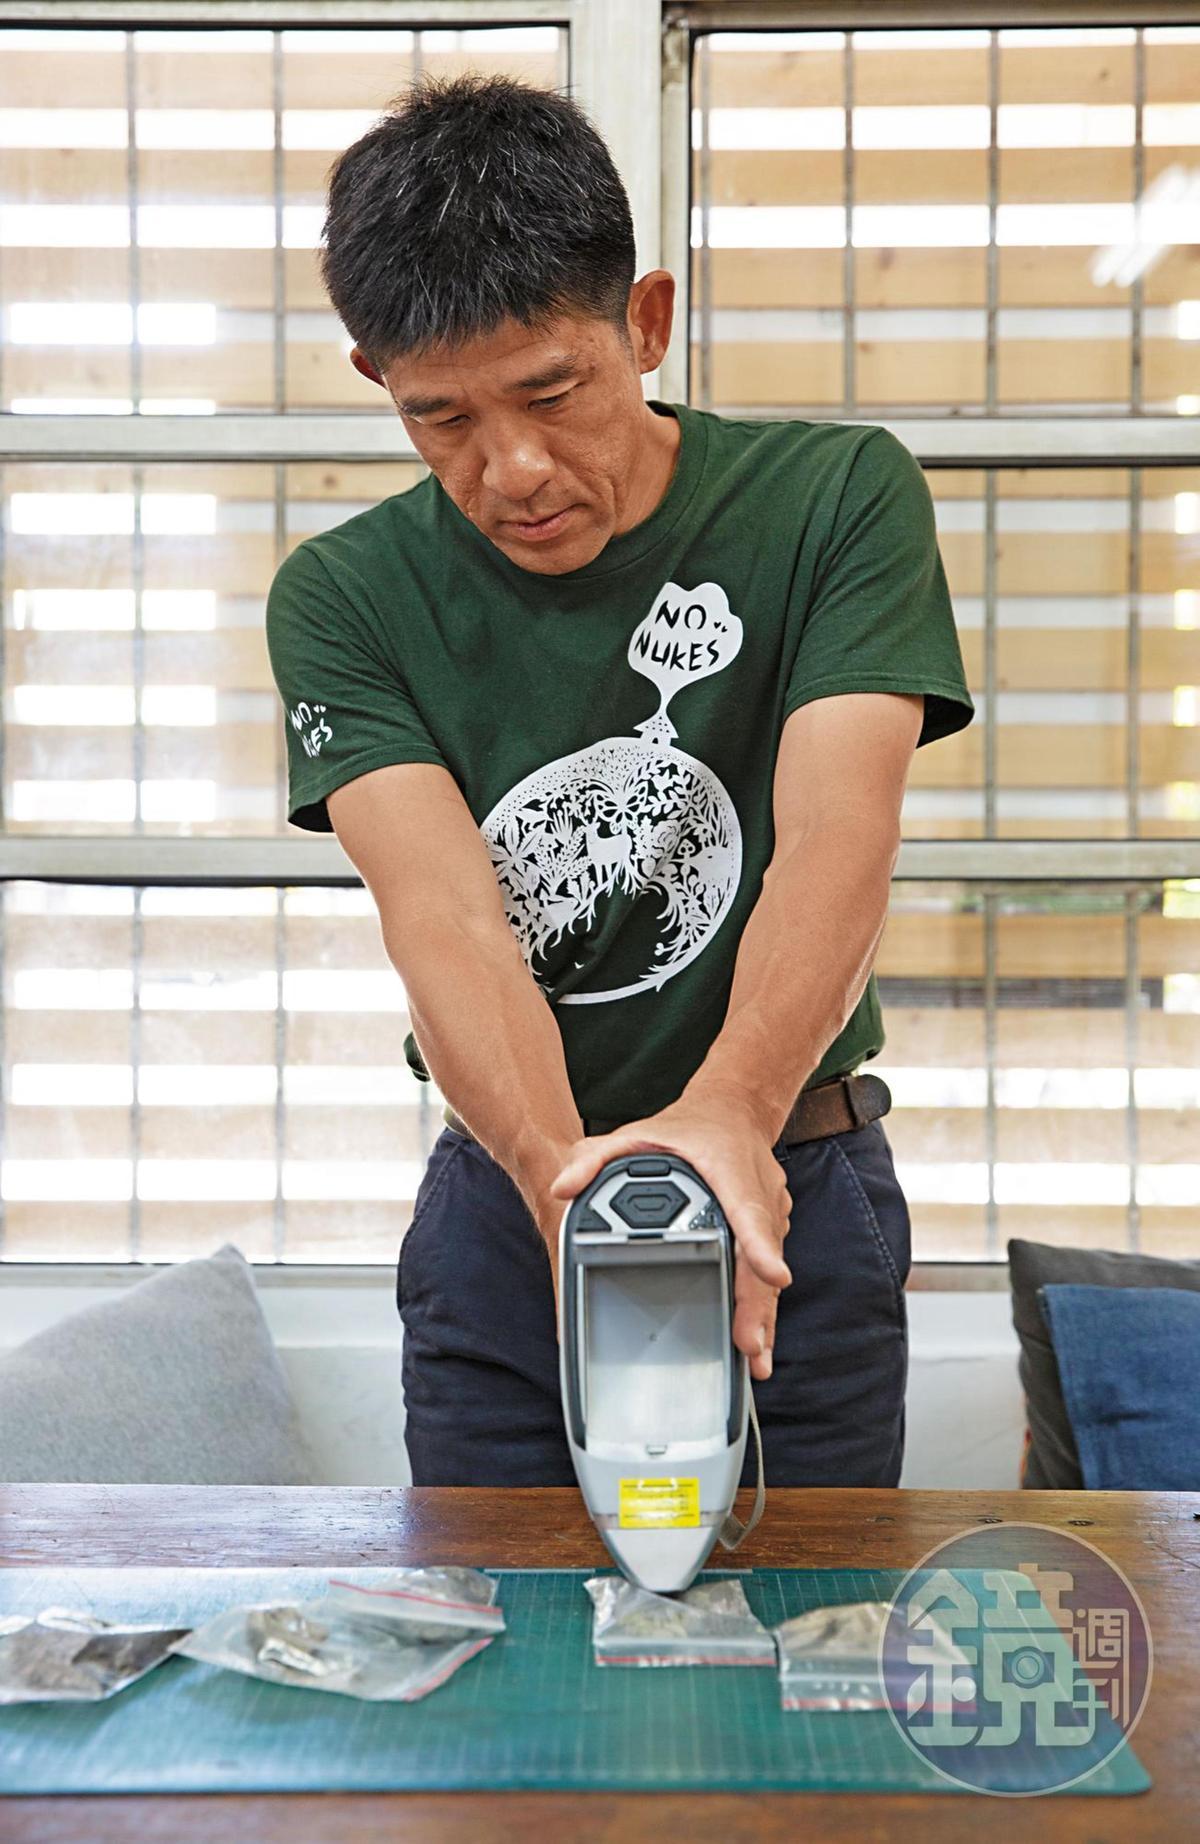 台南市社區大學環境小組成員晁瑞光以X光重金屬檢測儀,驗出土壤樣本內的銅濃度嚴重超標。